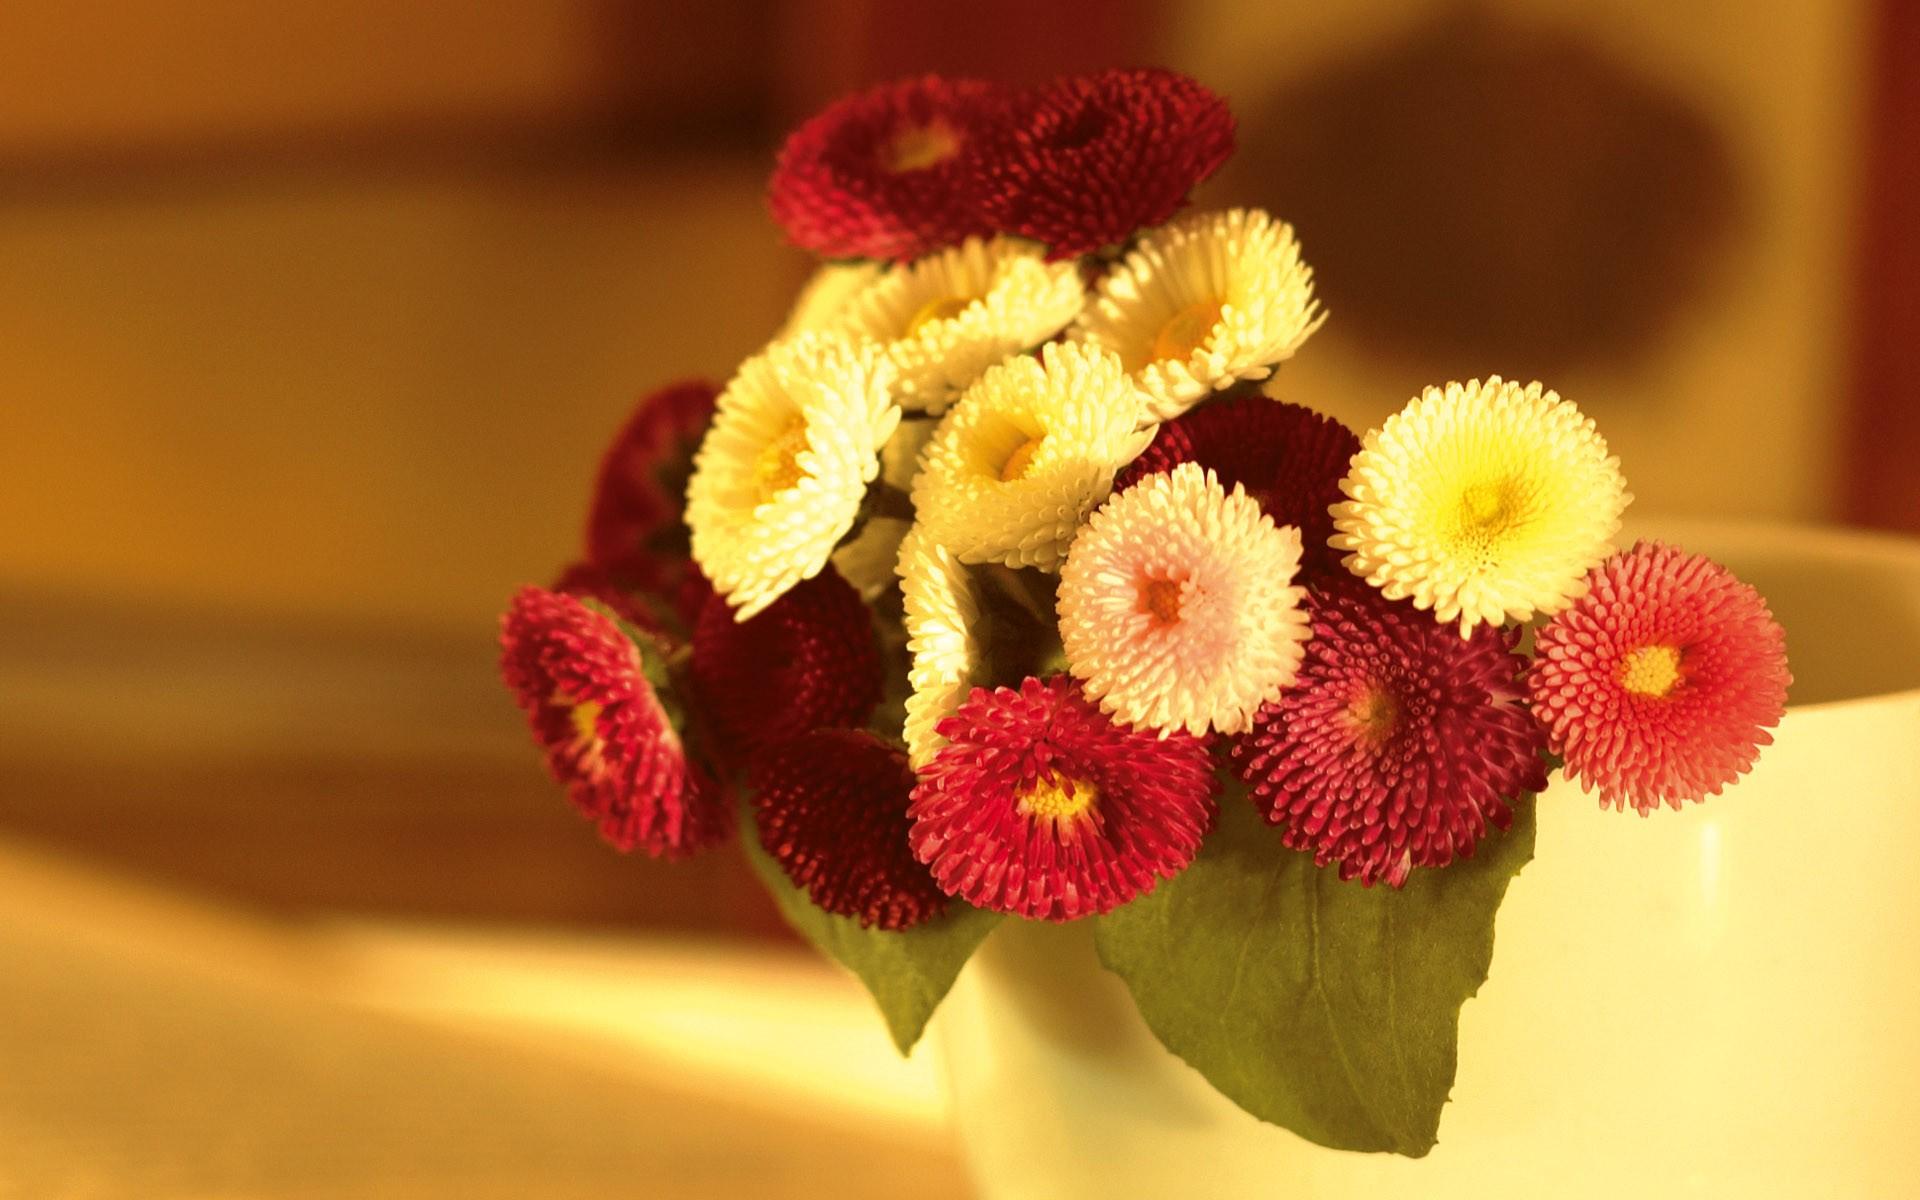 Adorno con flores rojas y blancas - 1920x1200